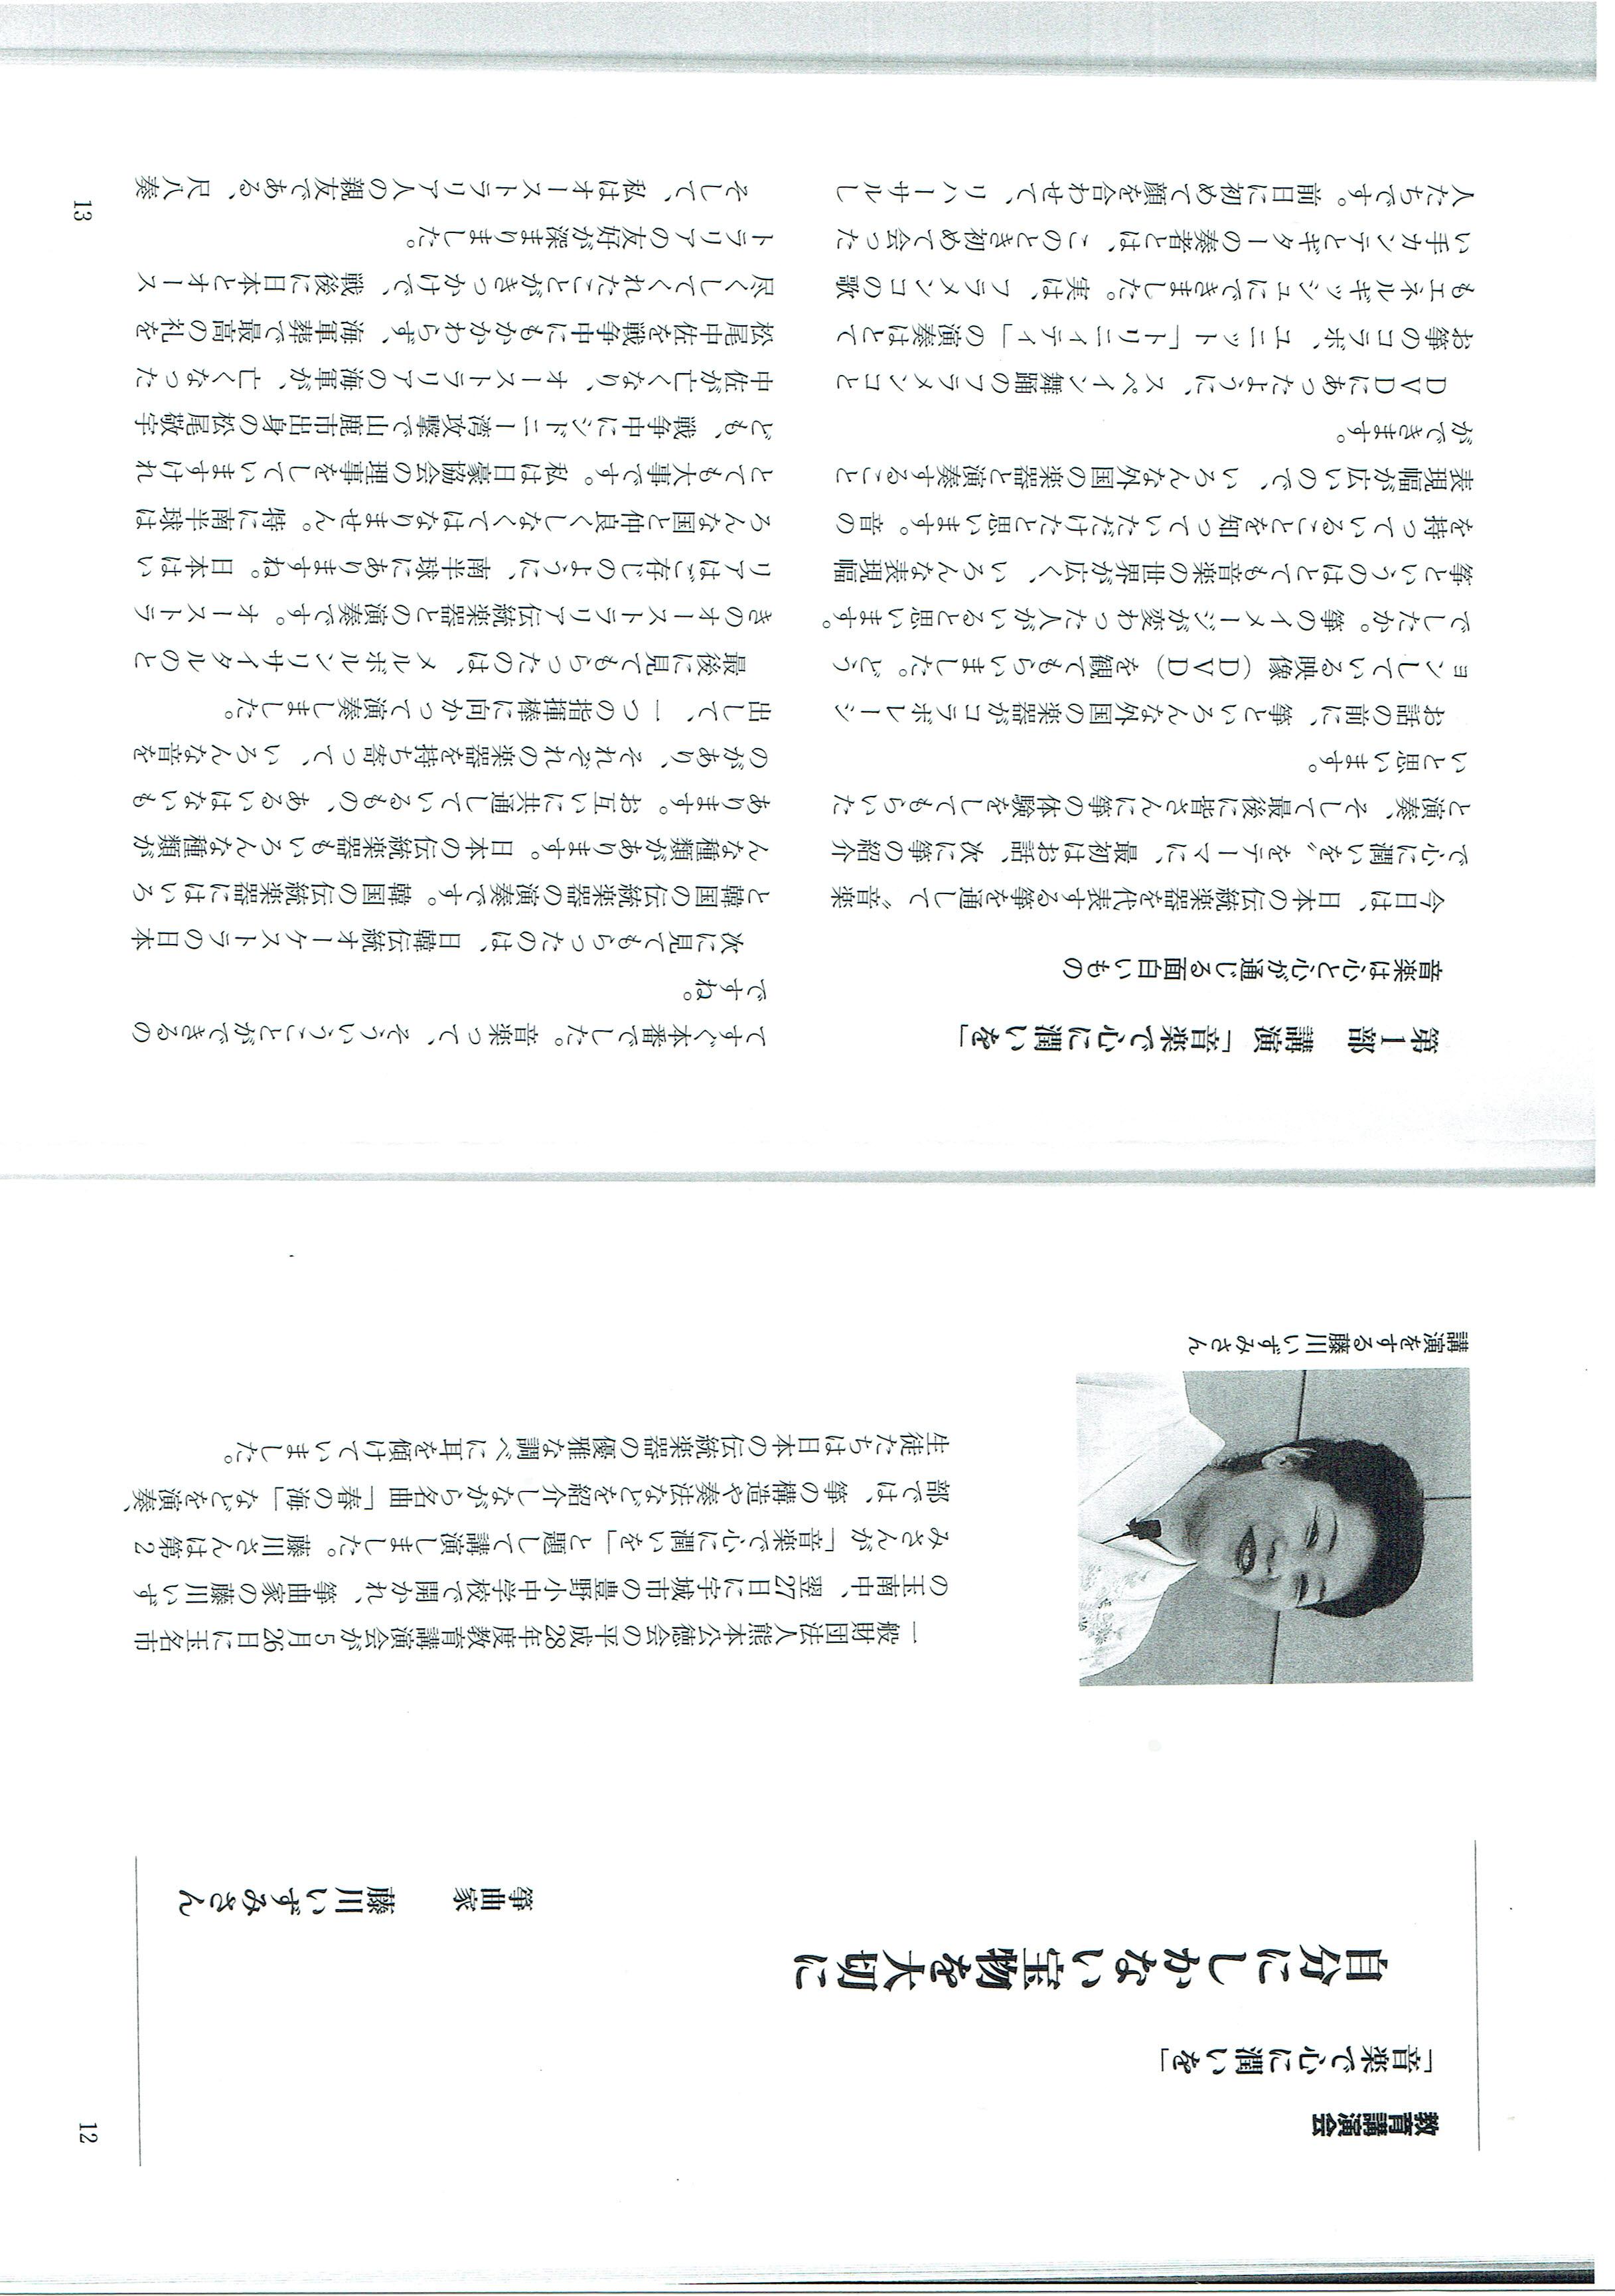 公徳20170103_0001